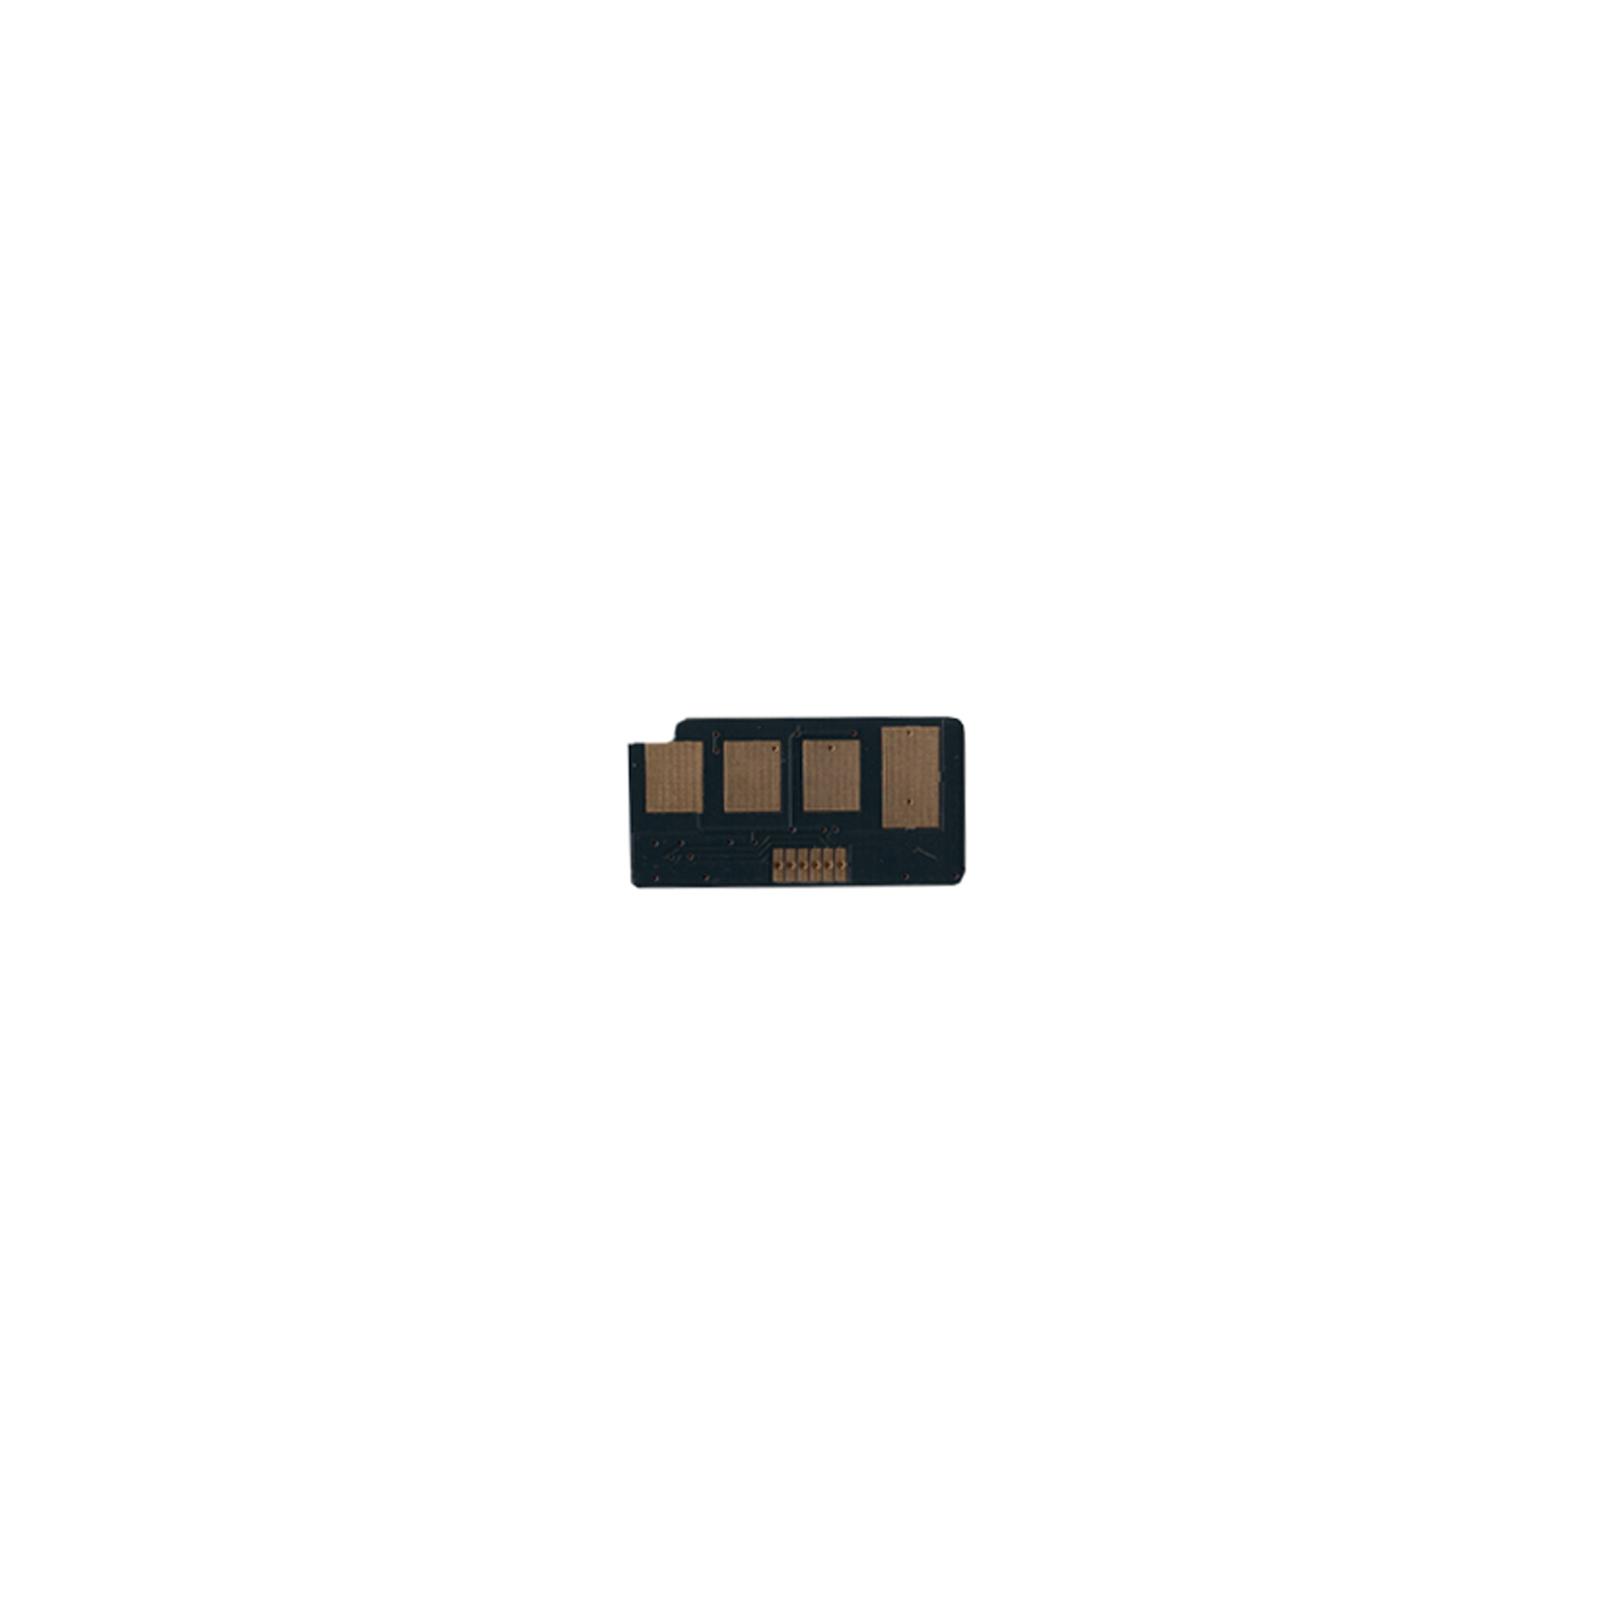 Чип для картриджа XEROX Phaser 3140/3160 AHK (1801595)